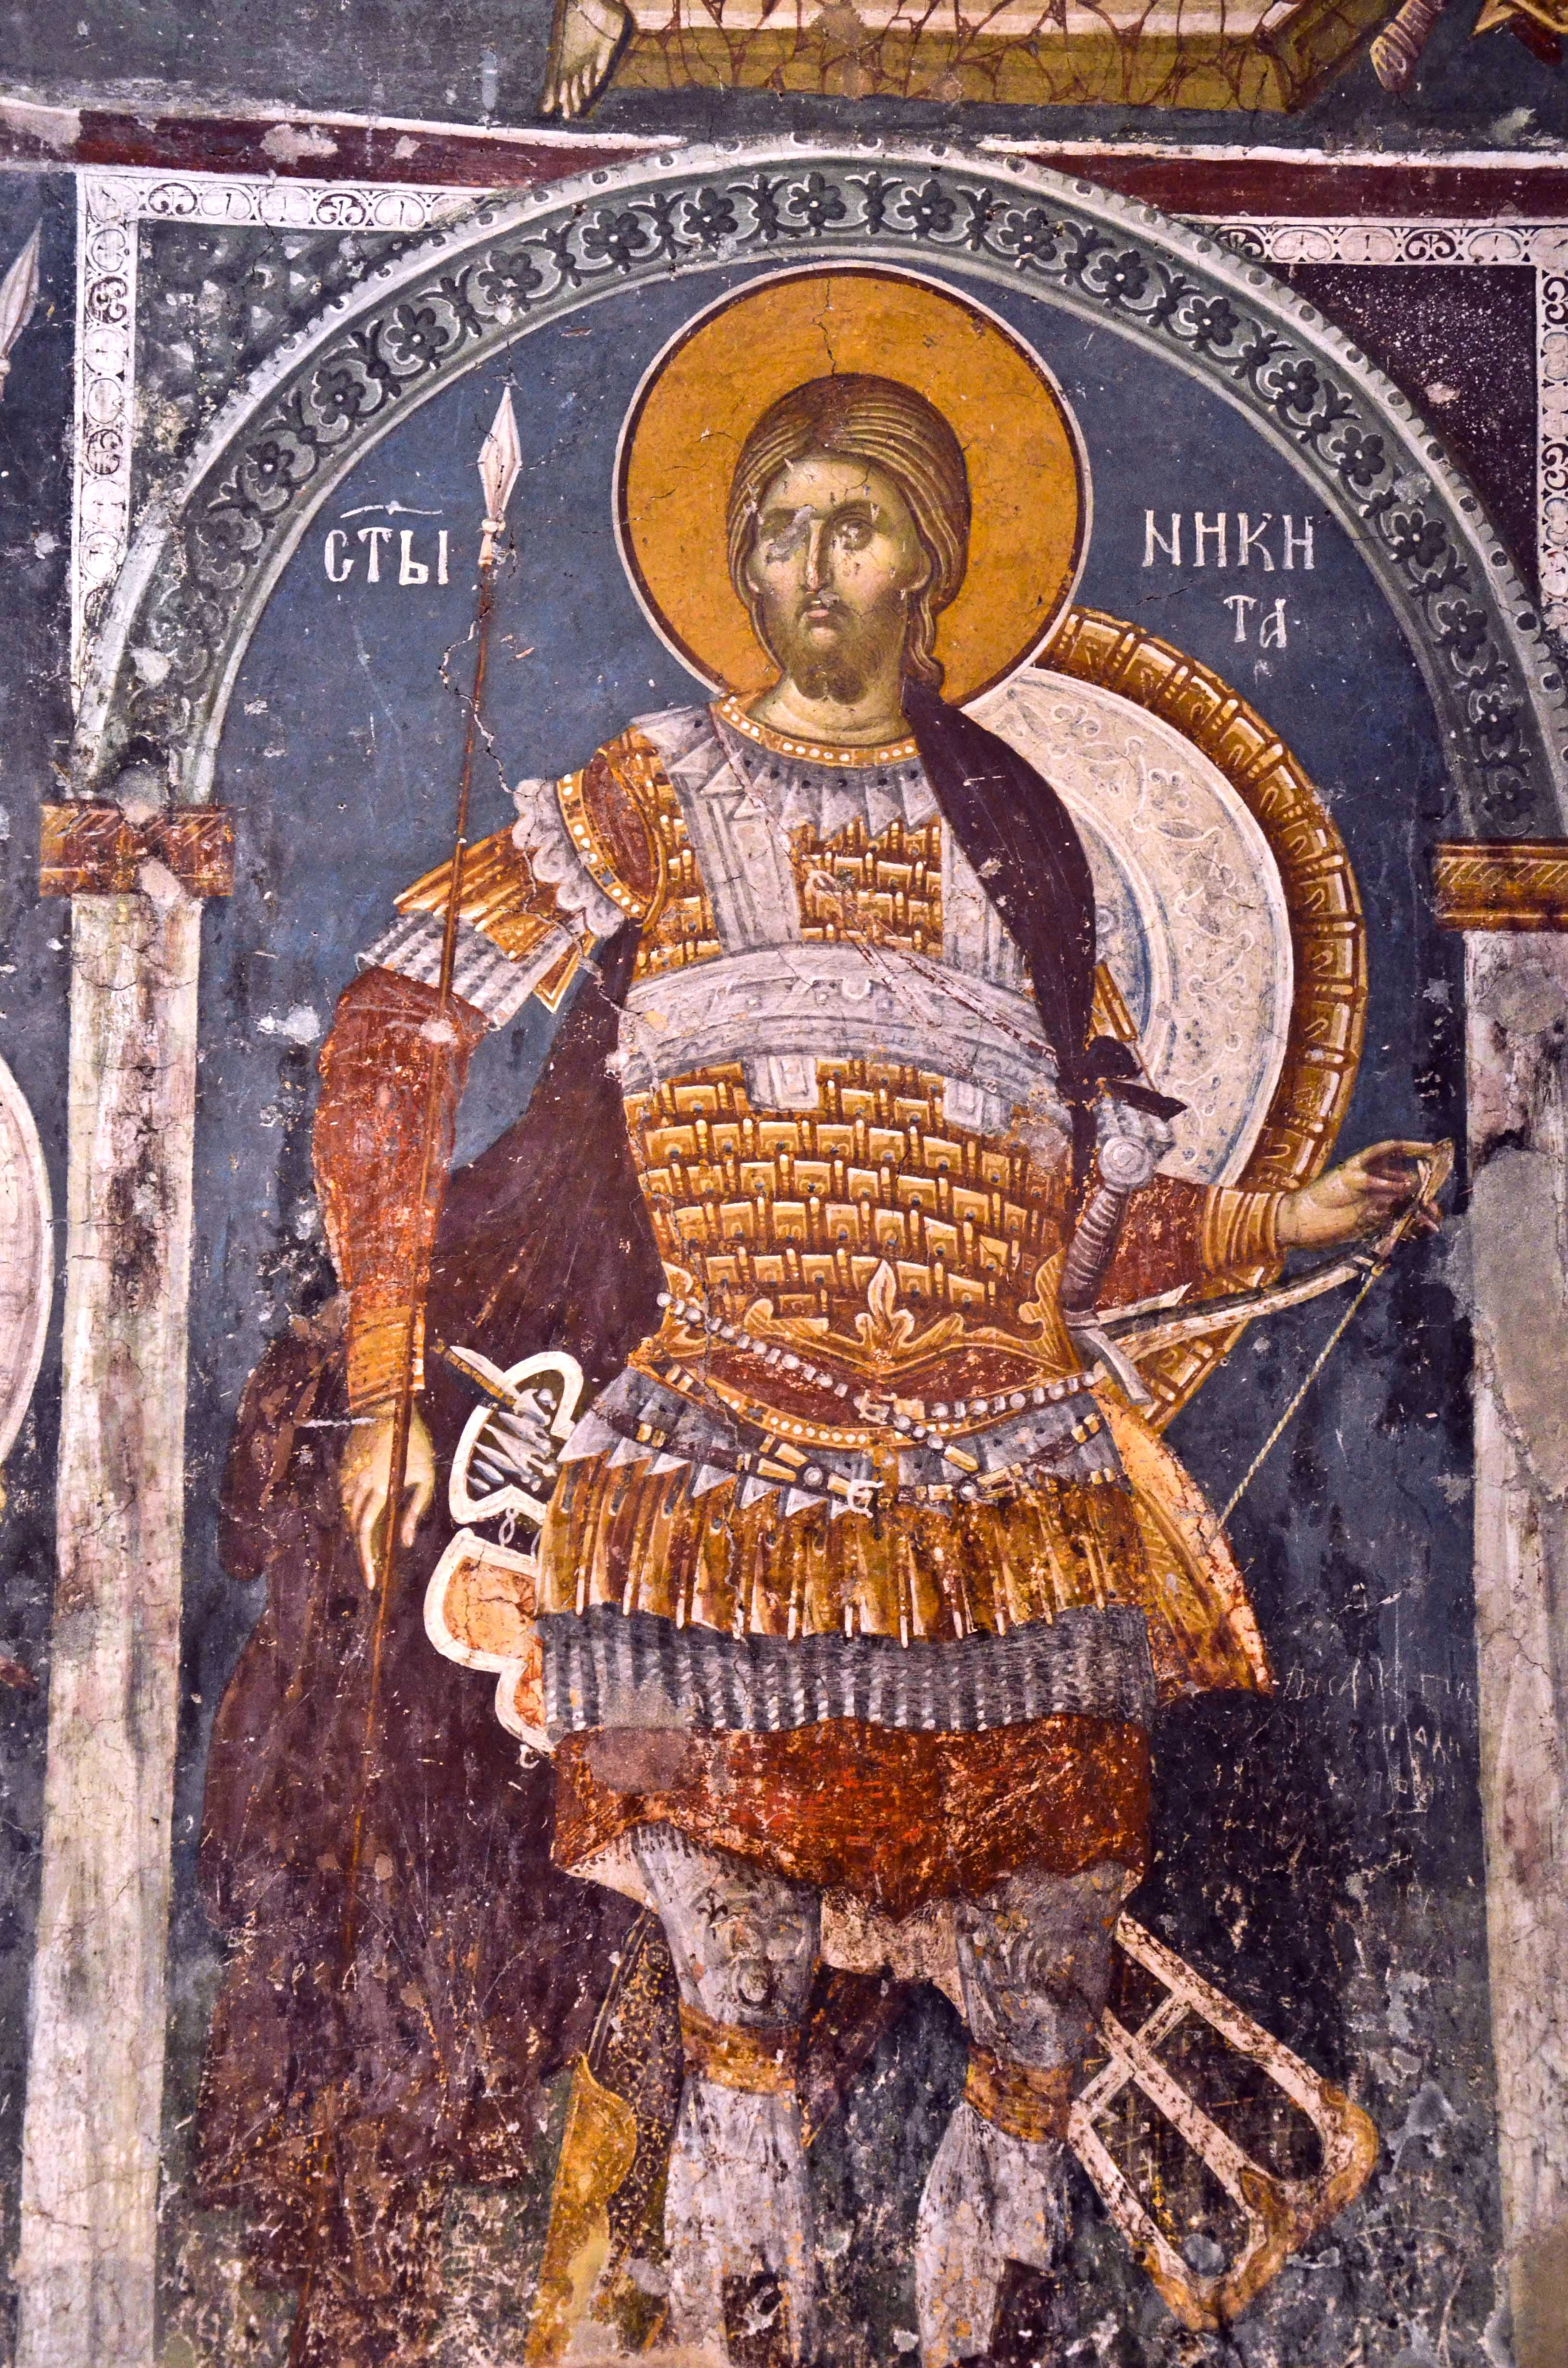 Святой Великомученик Никита. Фреска в церкви Св. Никиты в Чучере, Македония. Около 1316 года. Иконописцы Михаил Астрапа и Евтихий.